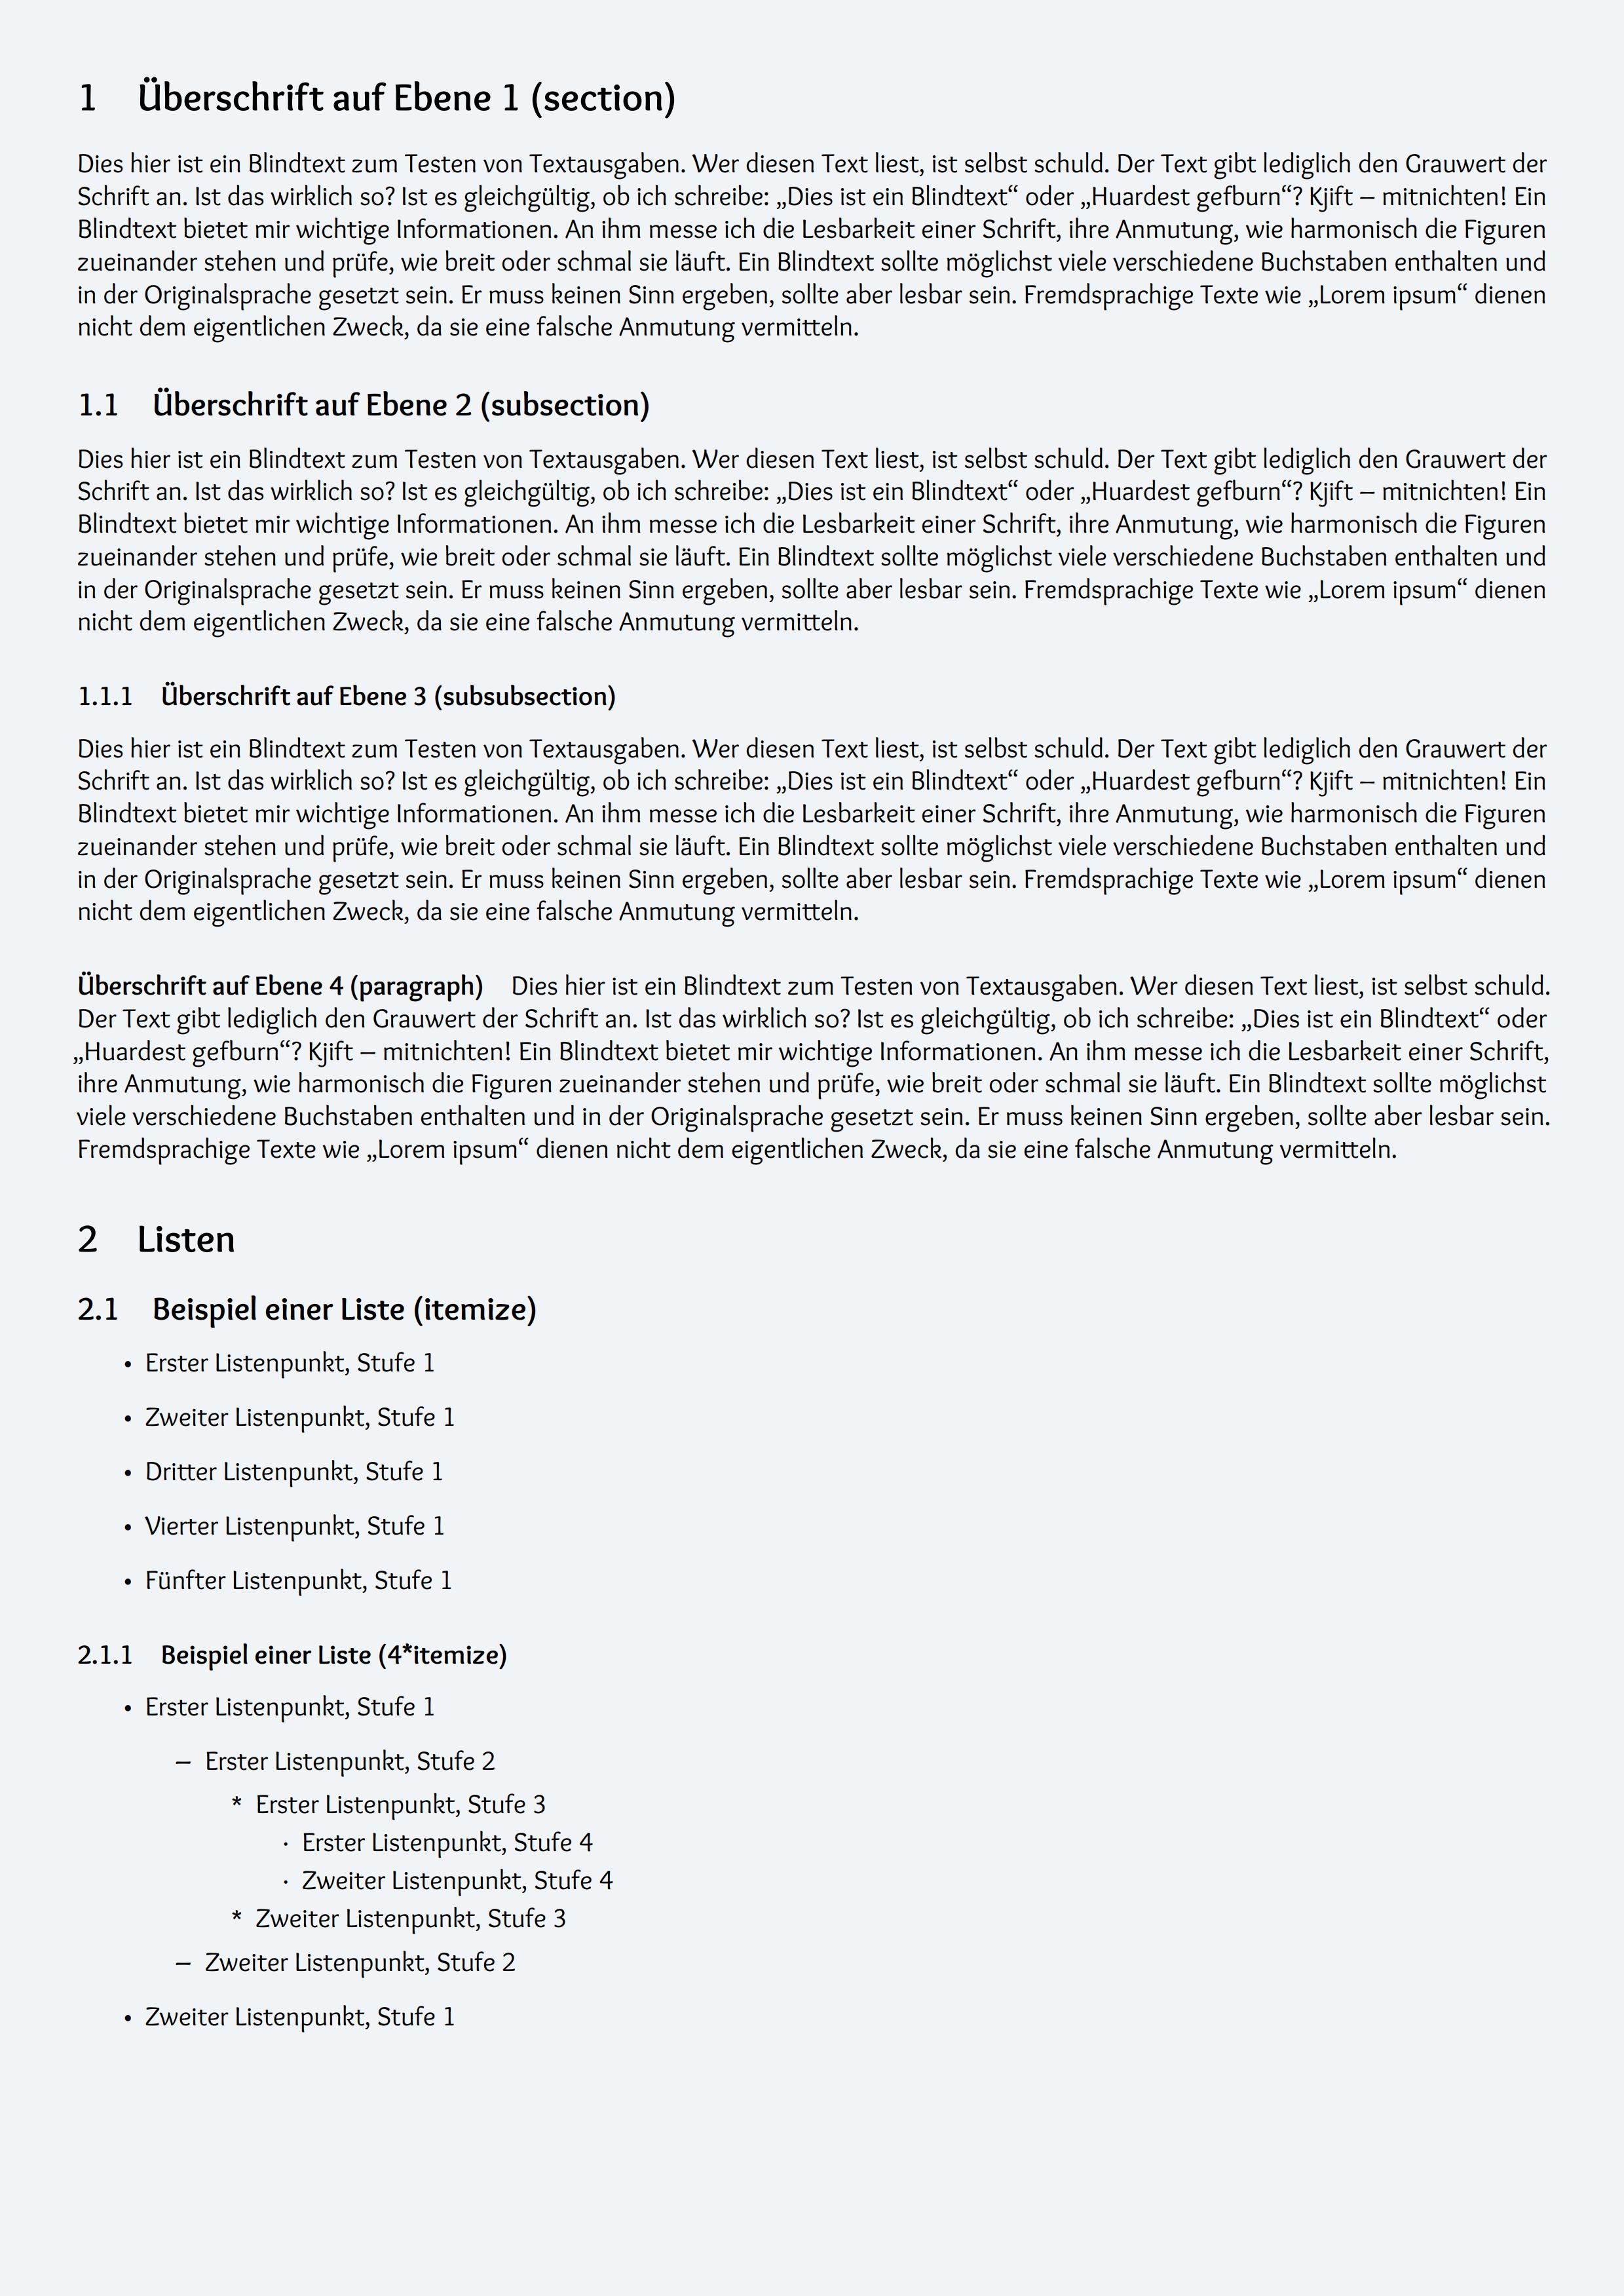 LaTeX 制作的简历工作申请文书